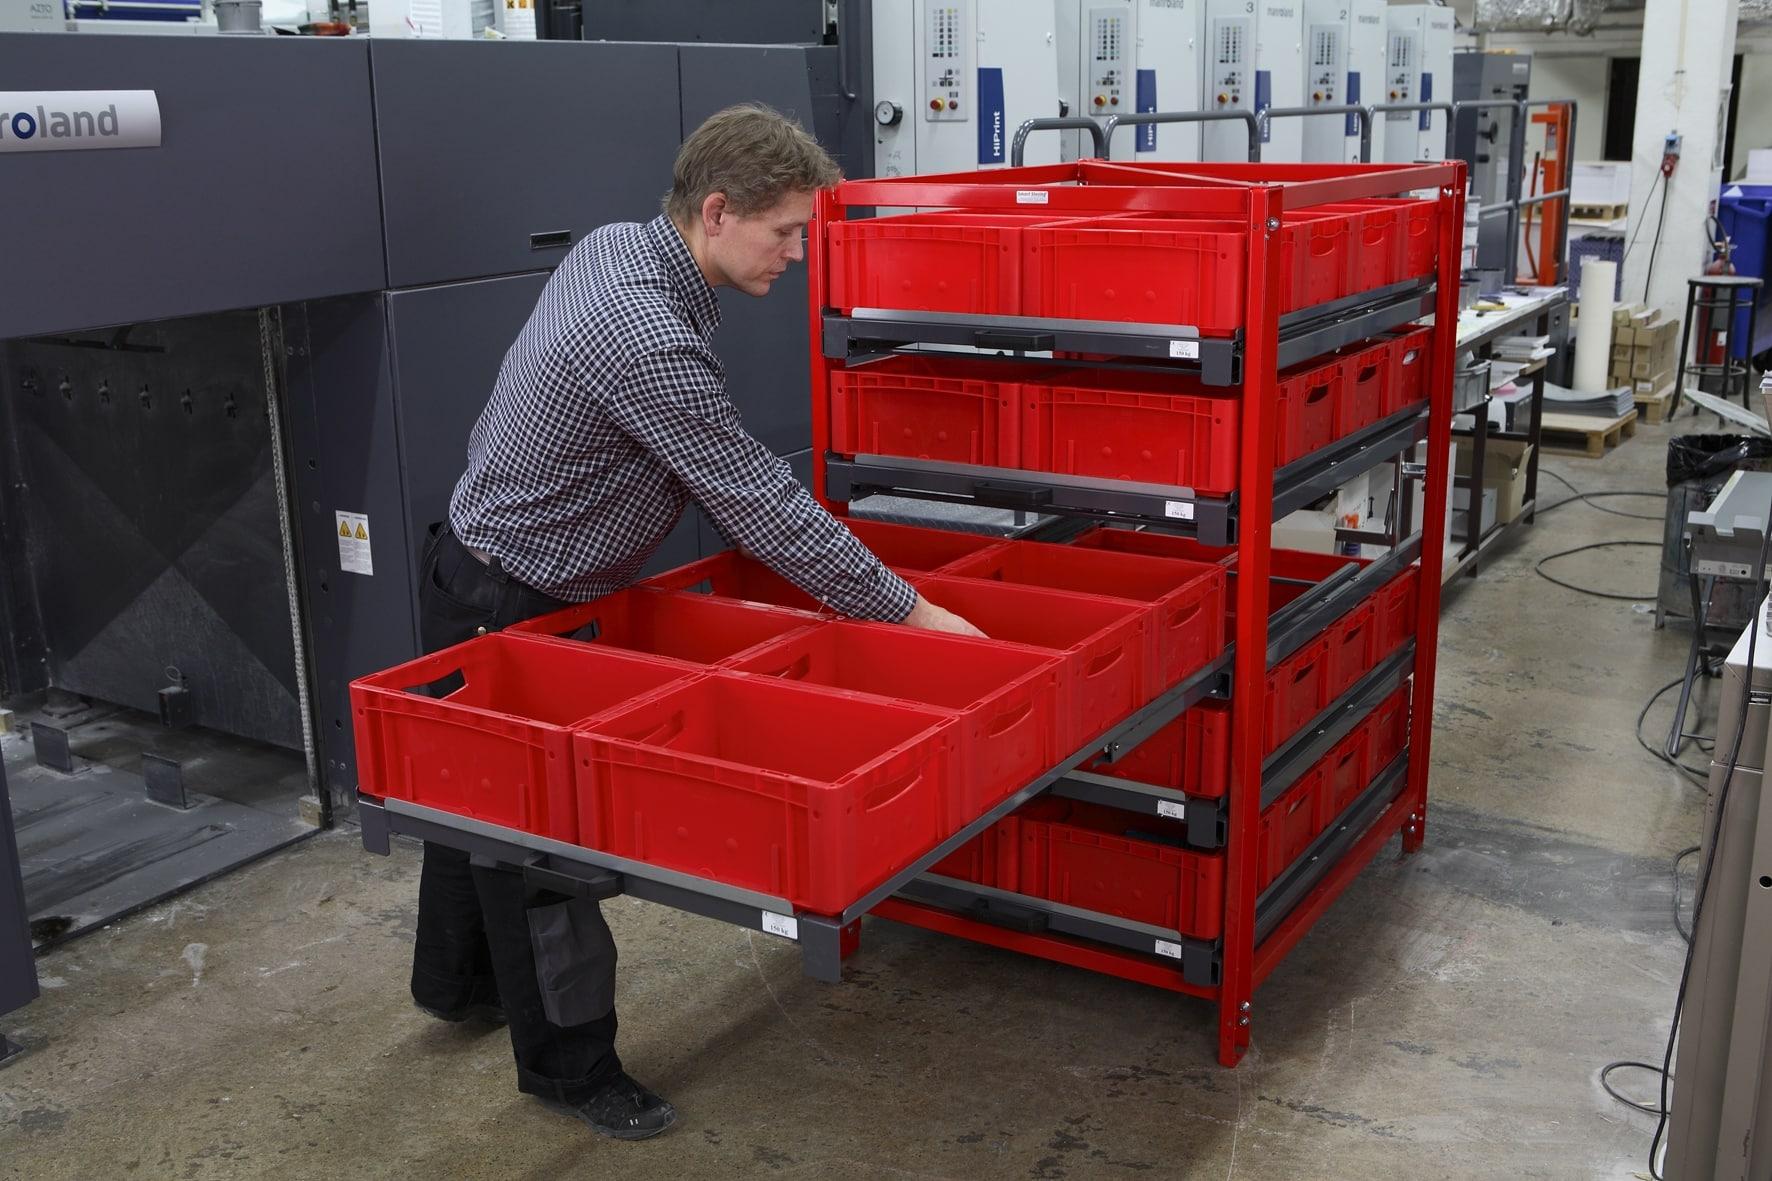 Schubladen Auszugregal von Bonnema online kaufen bei Kauf-dein-Regal.de